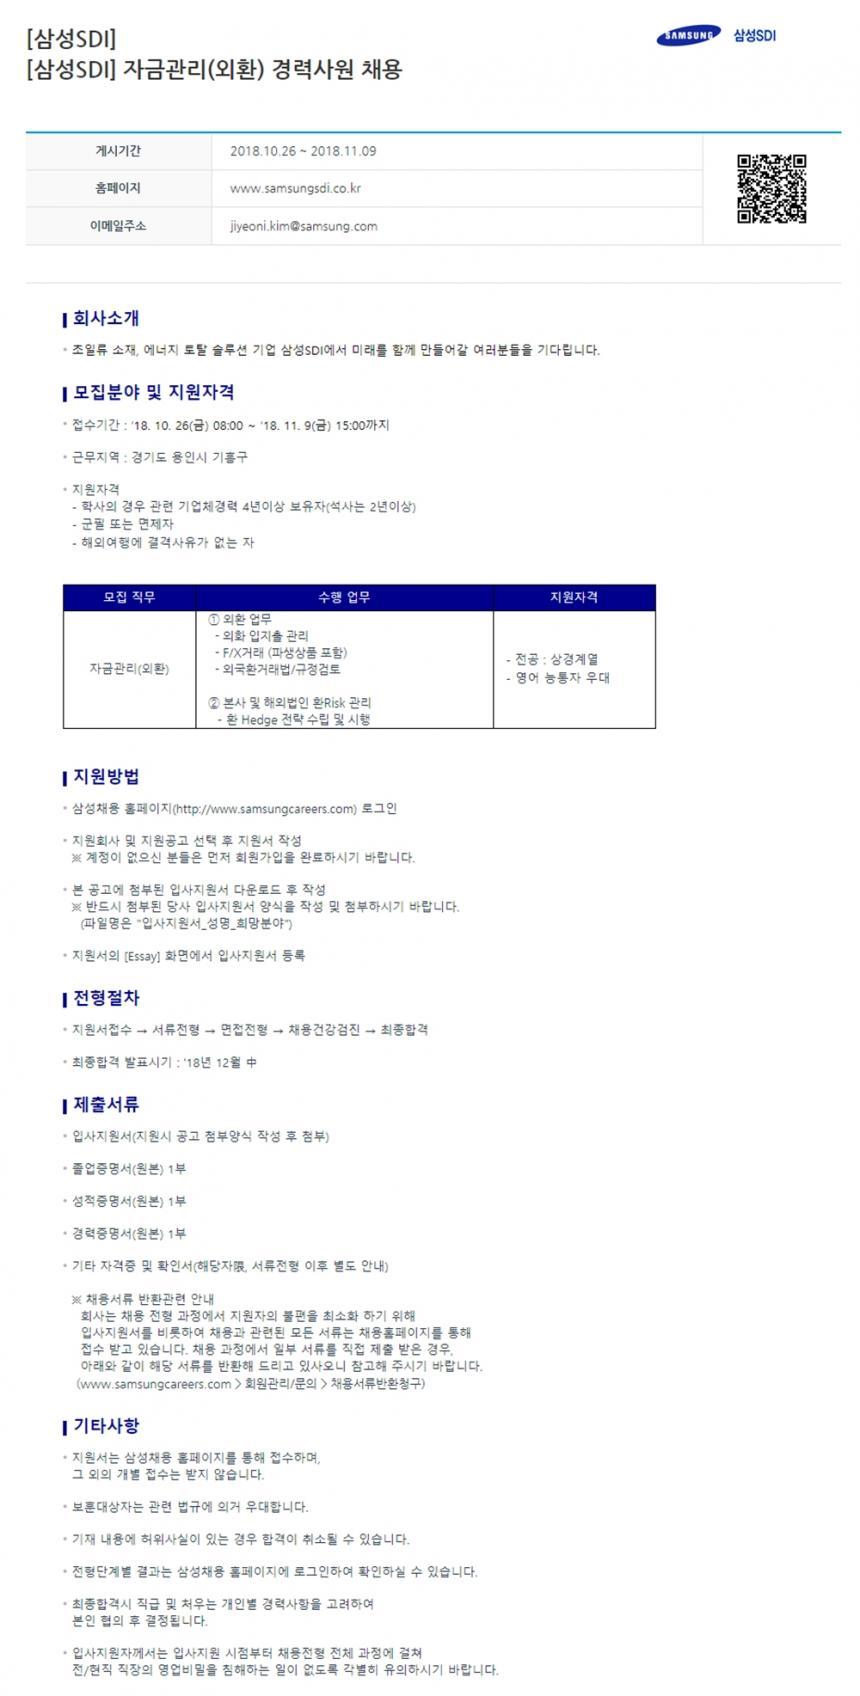 삼성 채용 홈페이지